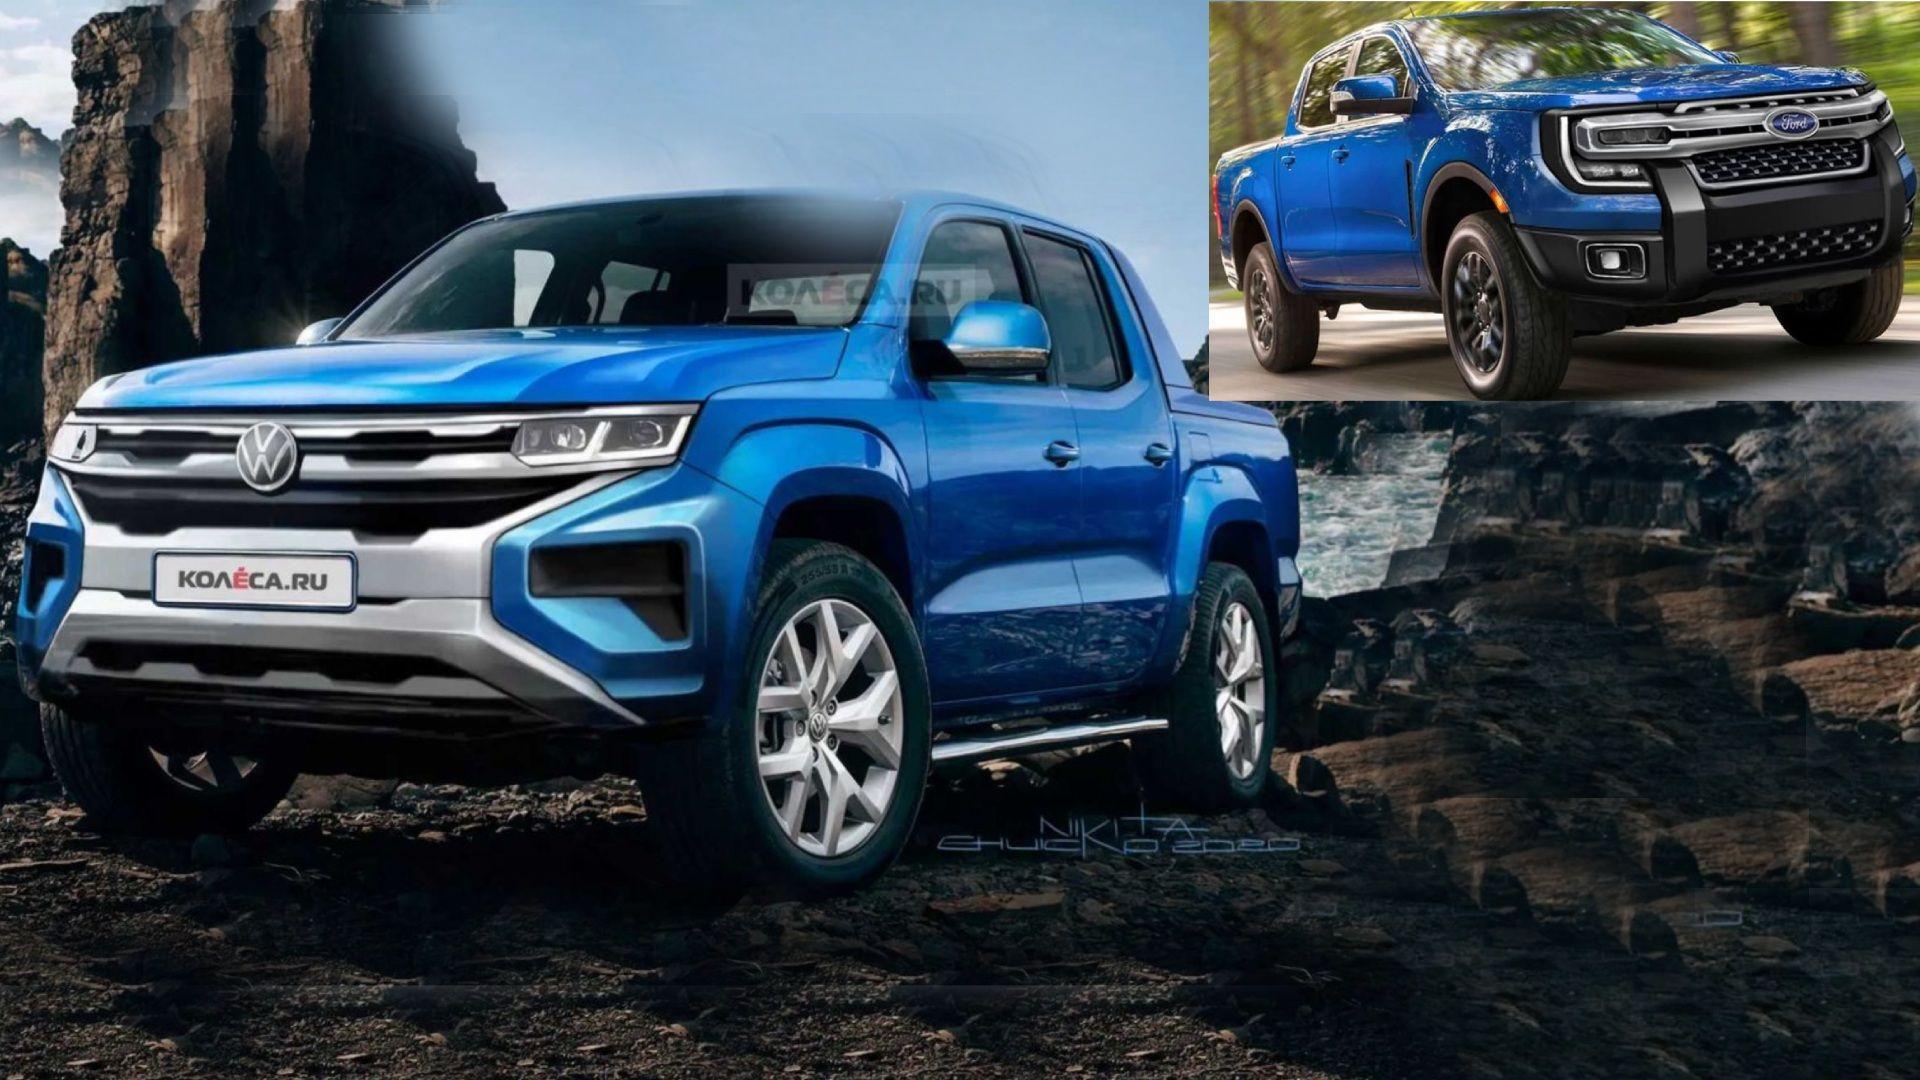 La nueva Volkswagen Amarok tendrá motores de la próxima Ford Ranger